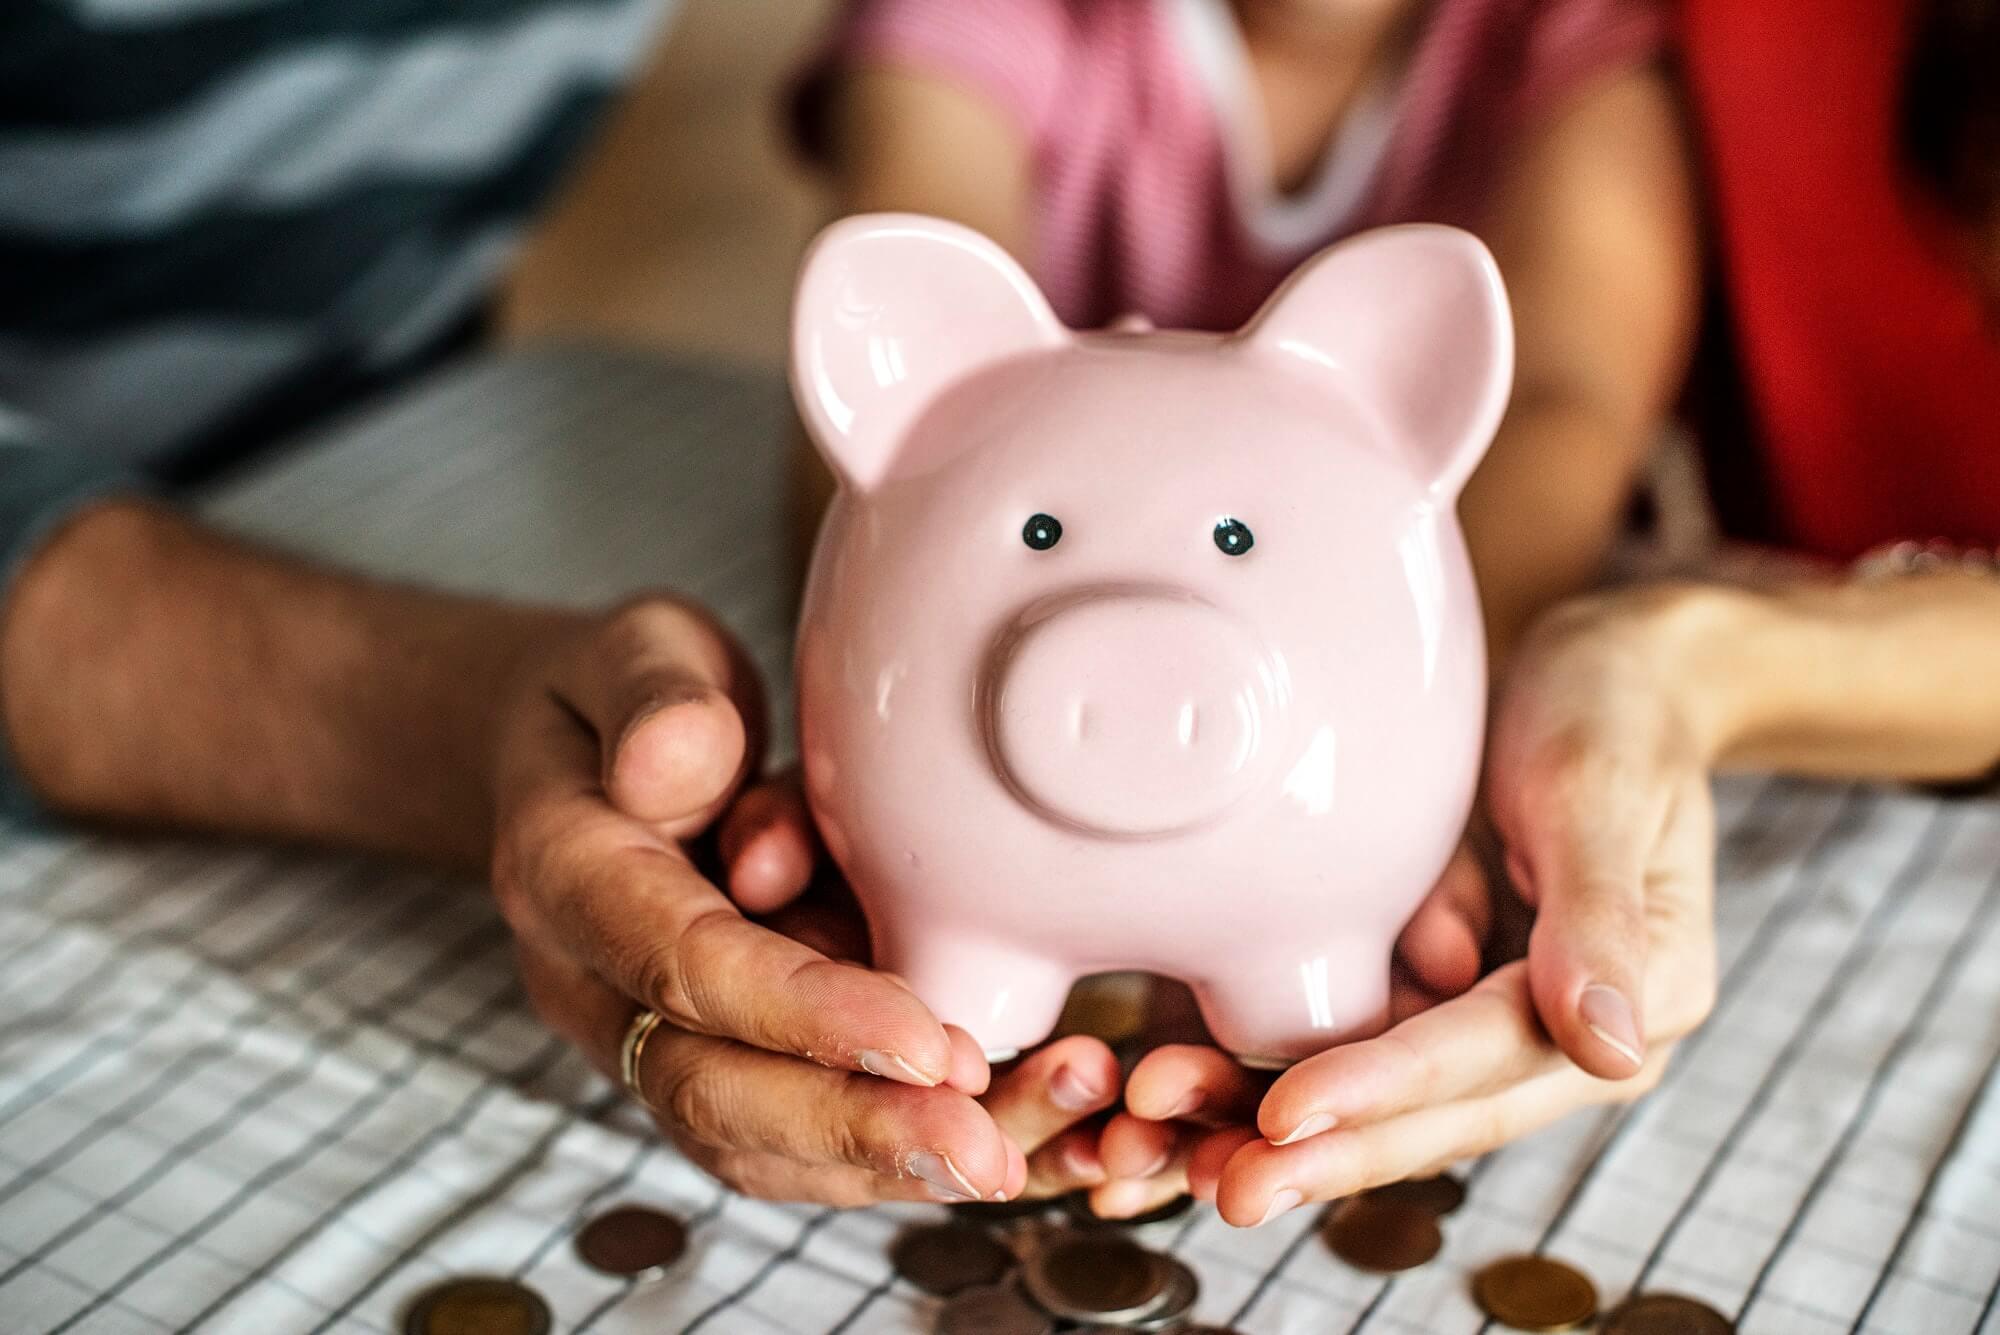 7 Teknik Membuat Keputusan Keuangan yang Lebih Cerdas, Patut Ditiru! (3) - Mengajar Anak Mengelola Keuangan Lewat 5 Hadiah Ini - 3 Alasan Pentingnya Melakukan Financial Check Up Sejak Dini